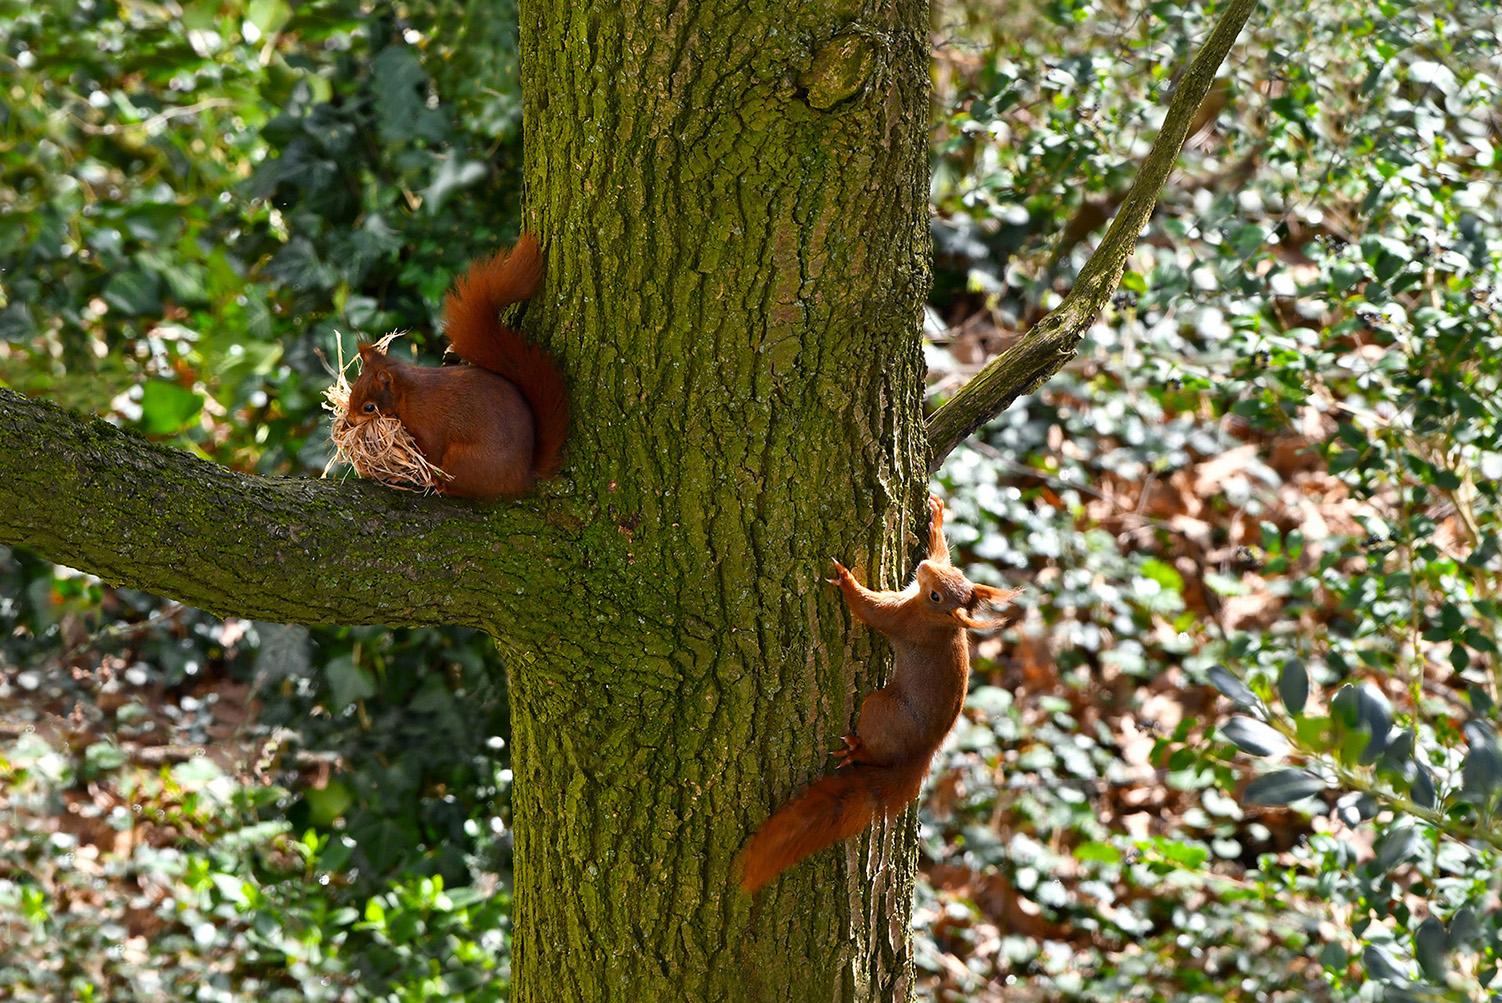 Binnen de kortste keren hing manlief alweer vlak in de buurt aan de boomstam - Foto:©Louis Fraanje